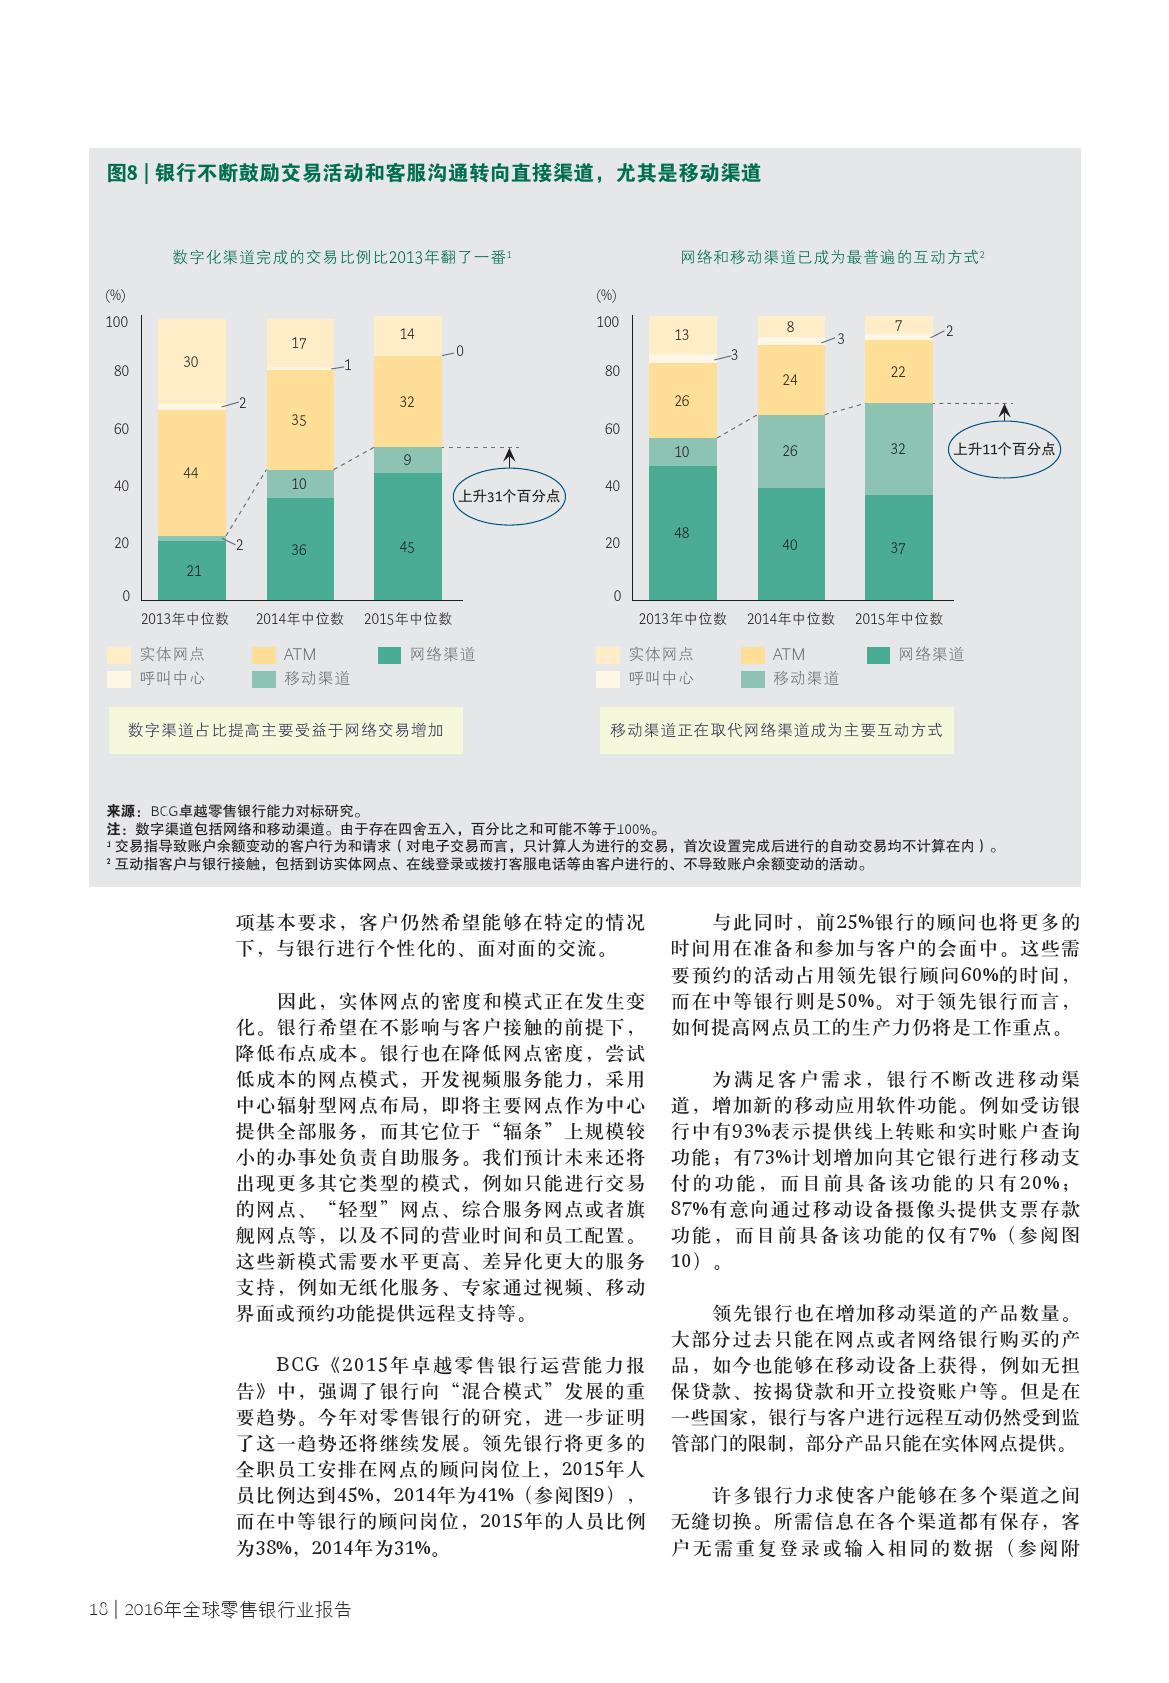 2016年全球零售银行业报告_000020